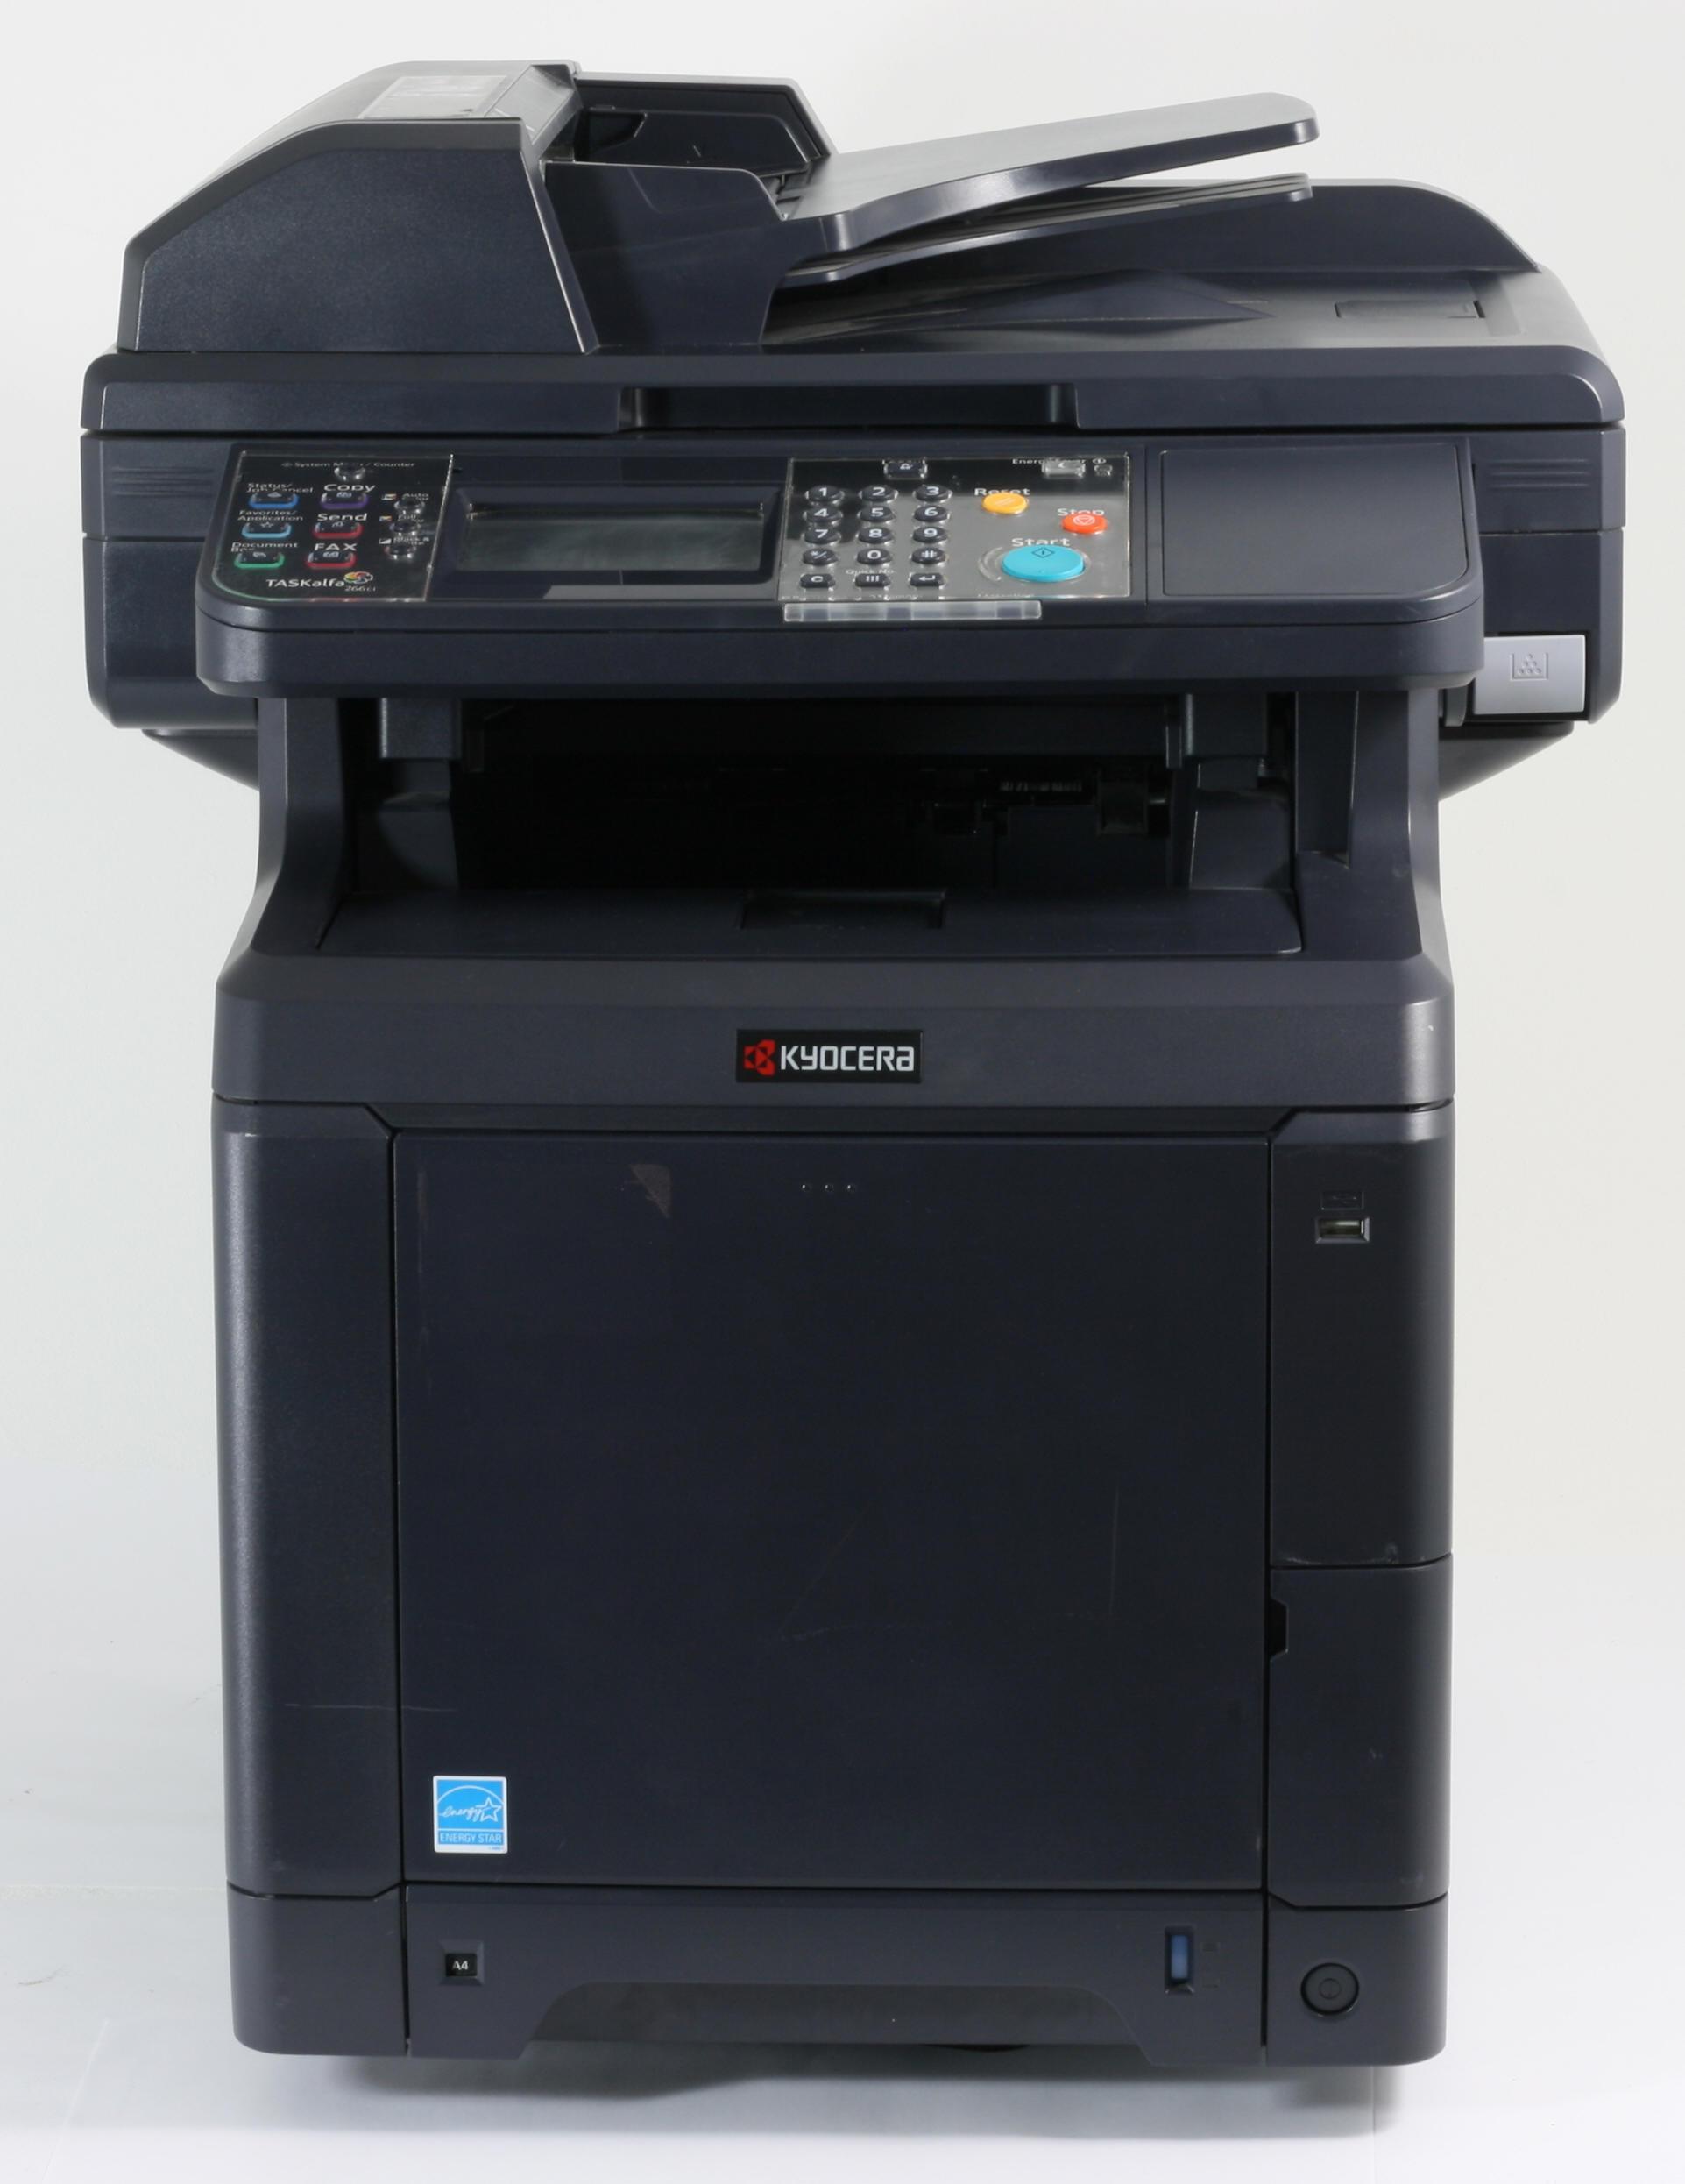 Kyocera Taskalfa 266ci MFP Drucker Laserdrucker Kopierer Scanner Fax Color gebraucht /  unter 40.000 Seiten